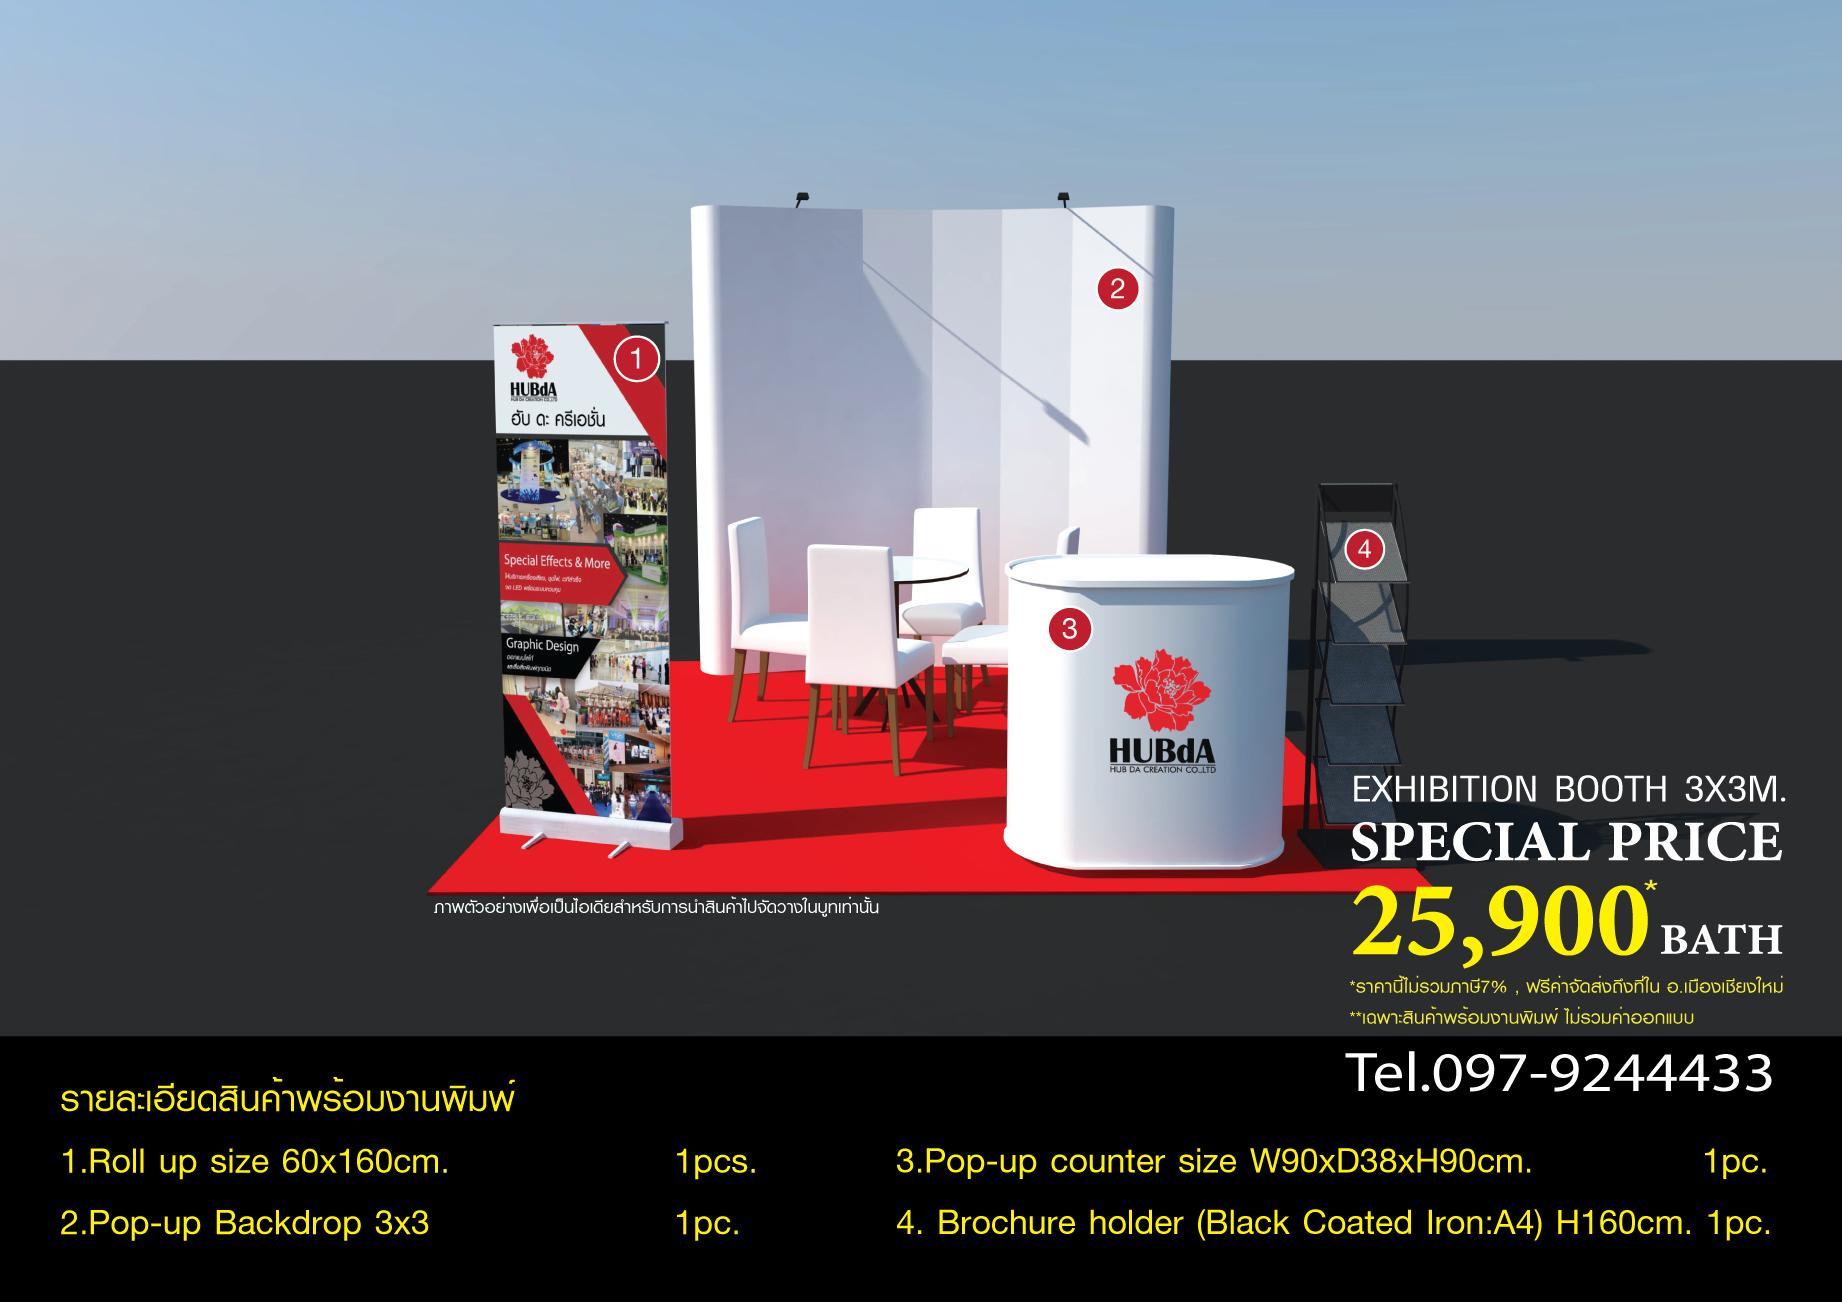 รับผลิตบูทสำเร็จรูป Exhibition Booth